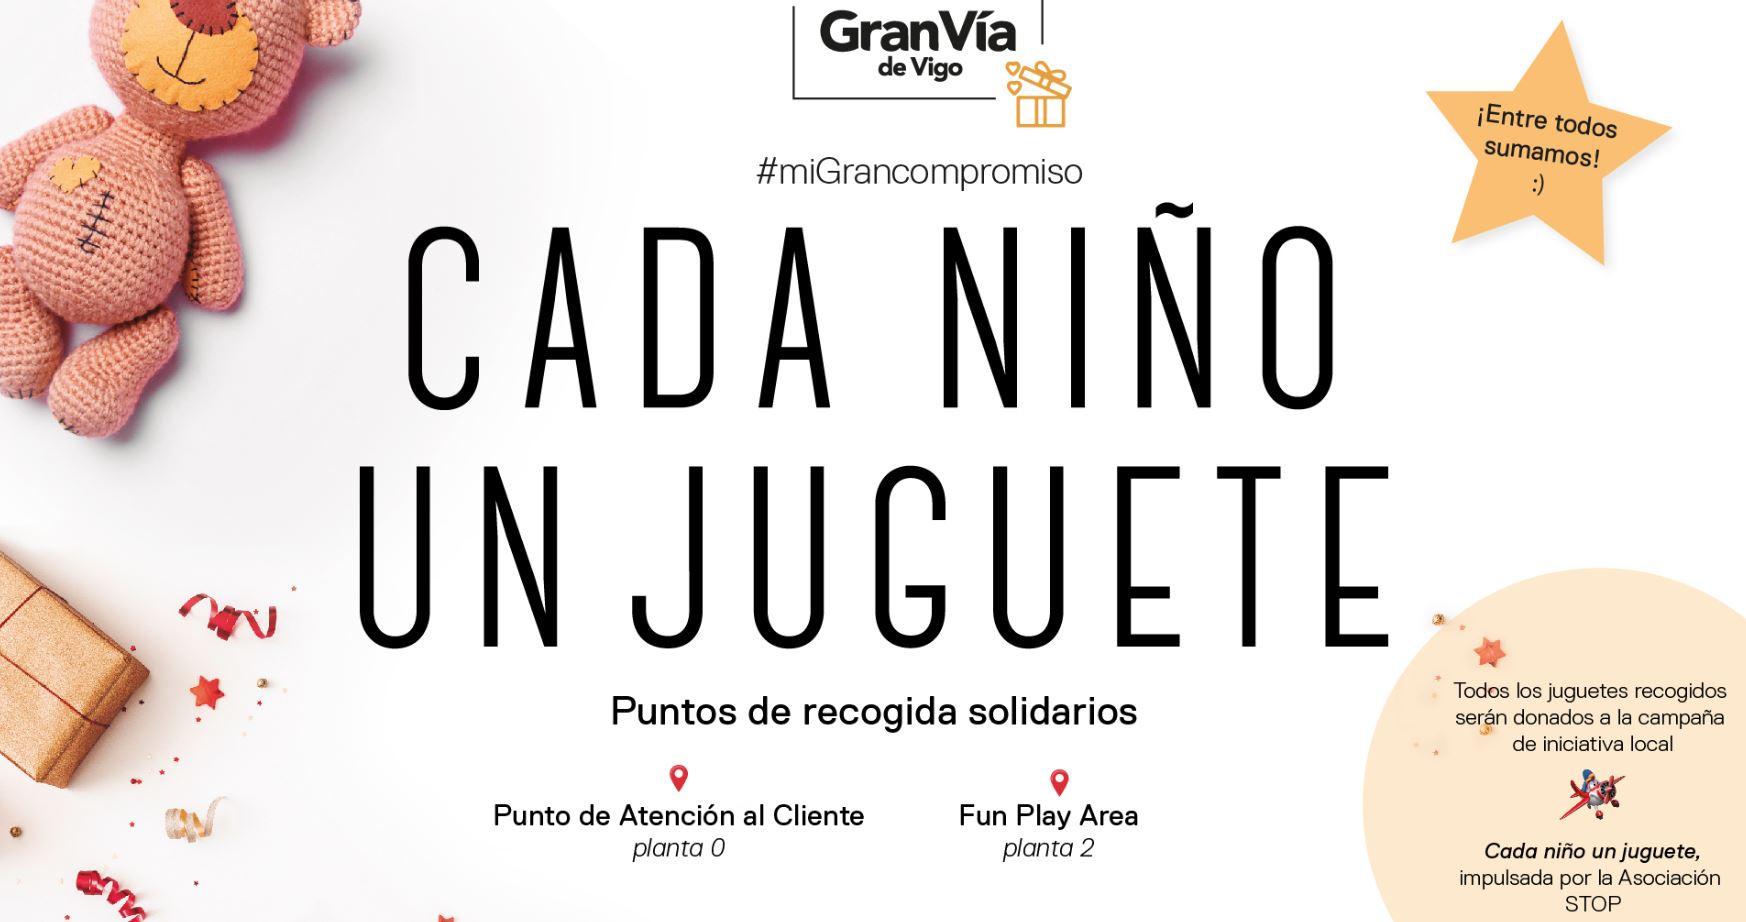 Gran Vía de Vigo vuelve a sumarse a la iniciativa local «Cada niño un juguete»